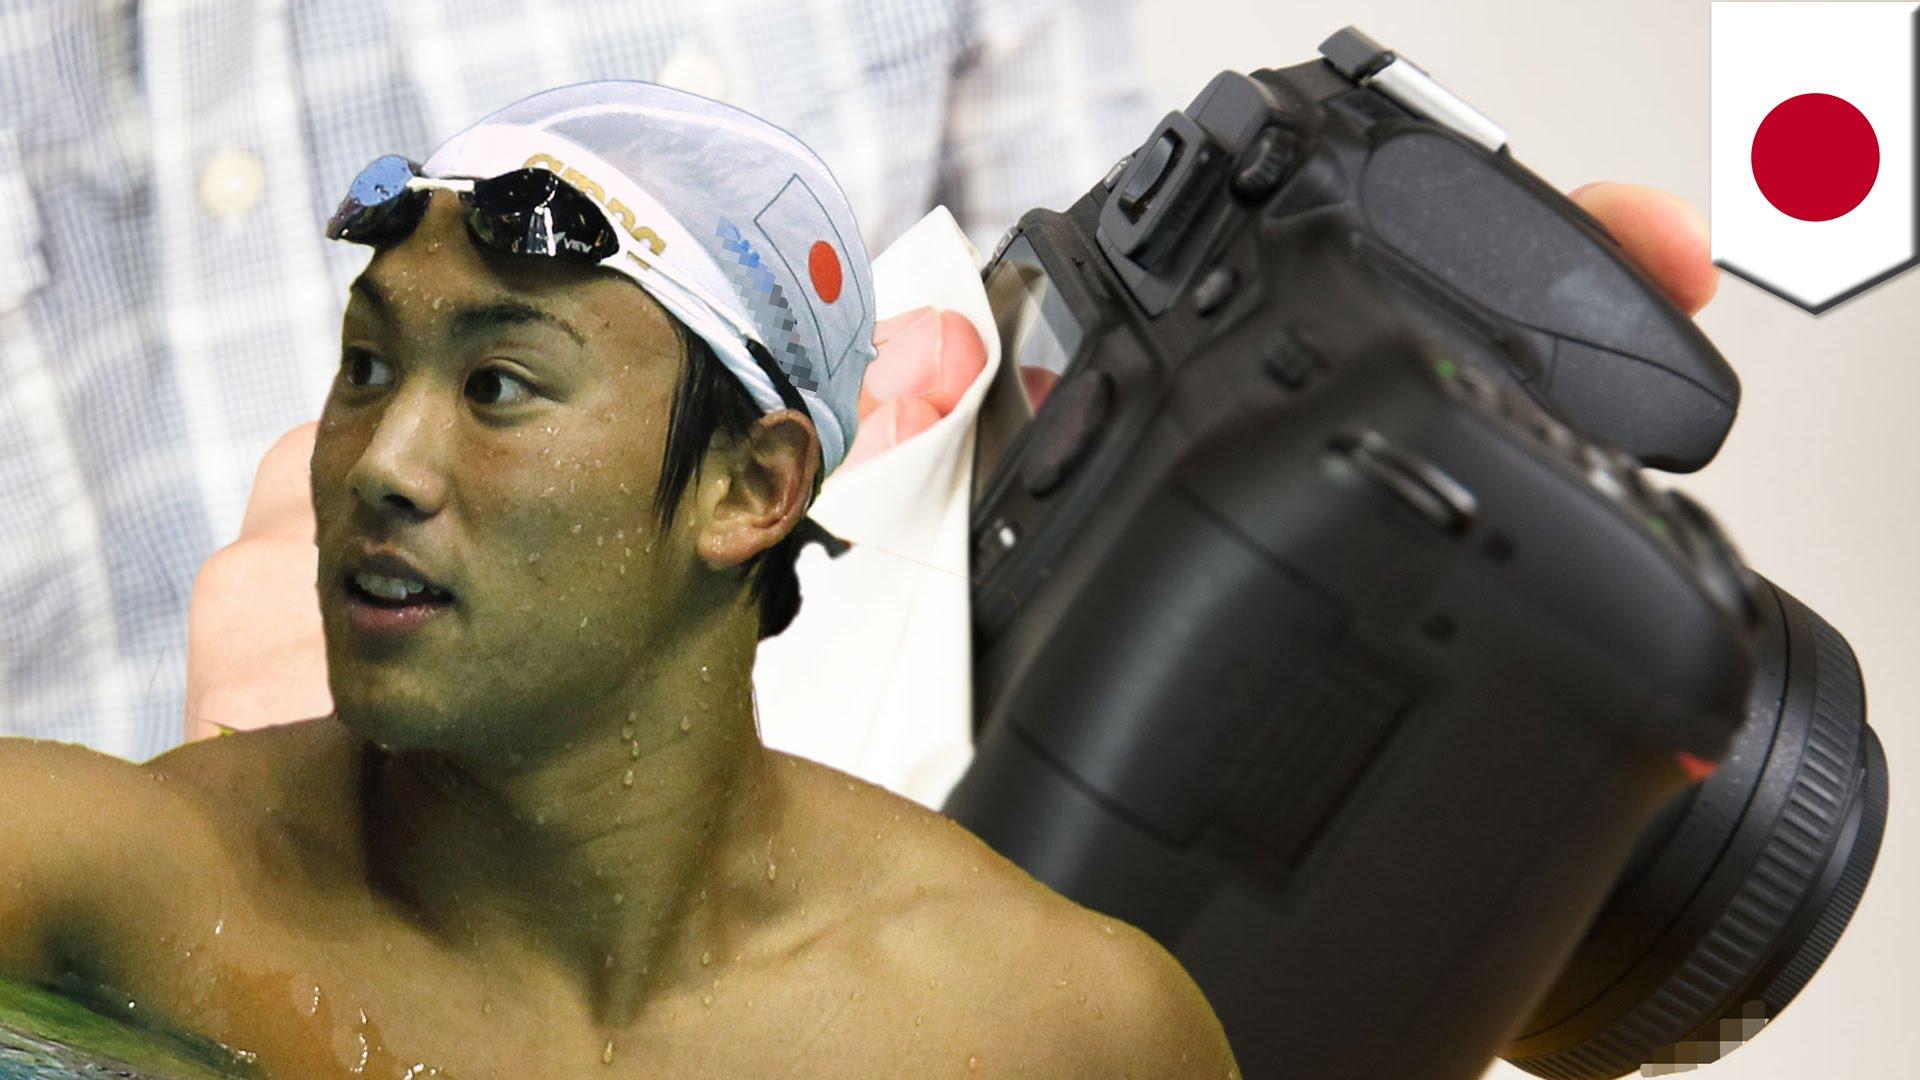 競泳男子日本代表の冨田尚弥がカメラ盗む